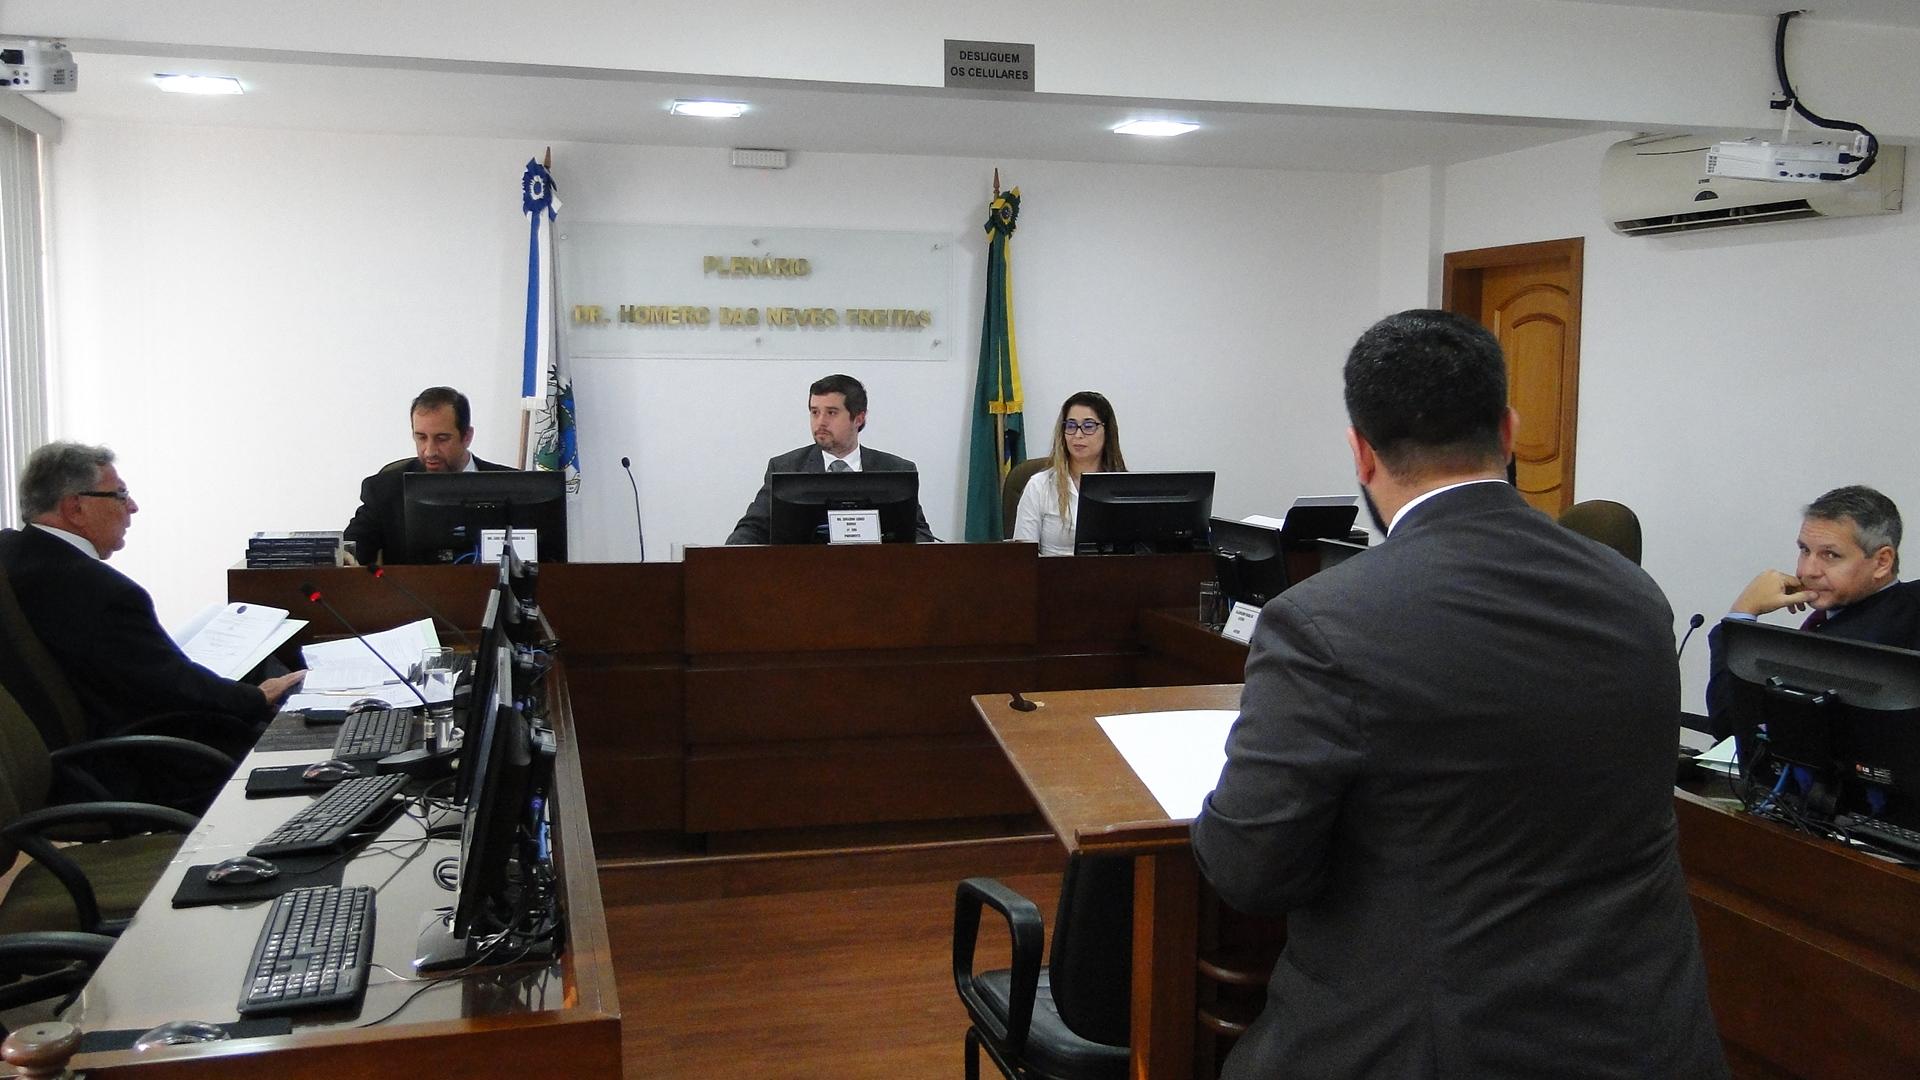 Oitava Comissão Disciplinar julga 10 processos nesta sexta-feira